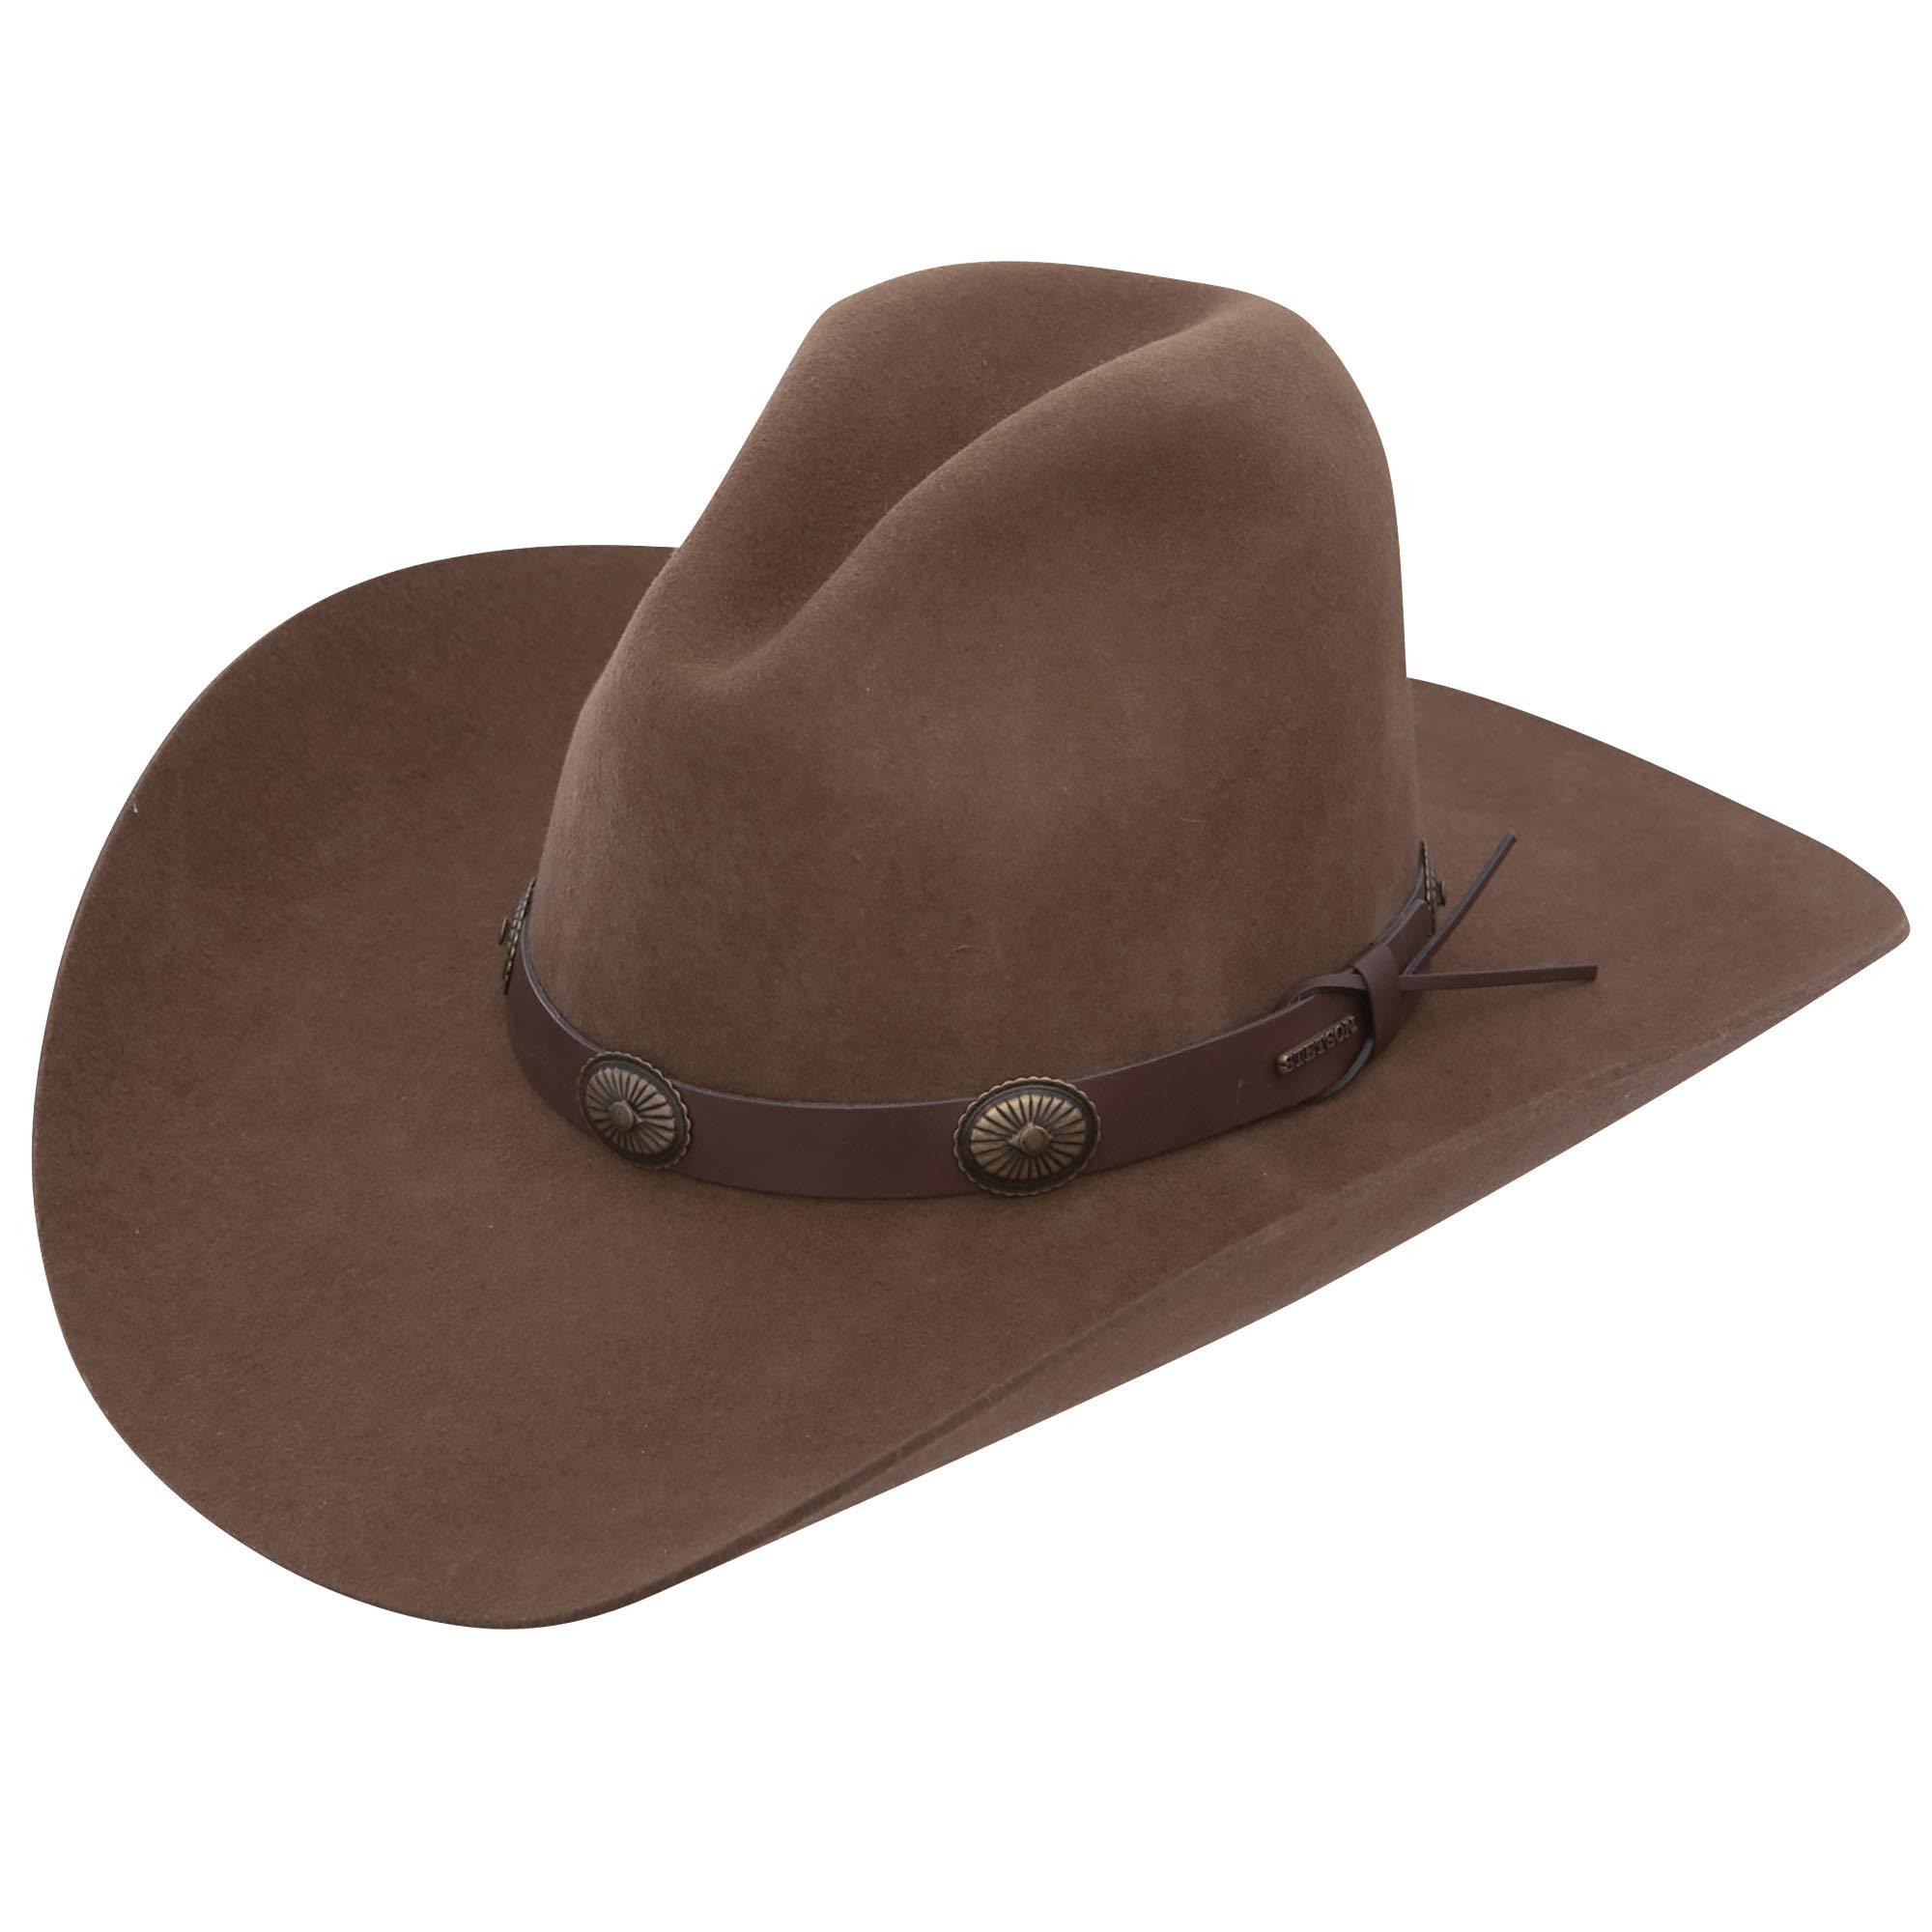 7 1/4 ''Boothill'' 2X Wool Felt Western Cowboy Hat